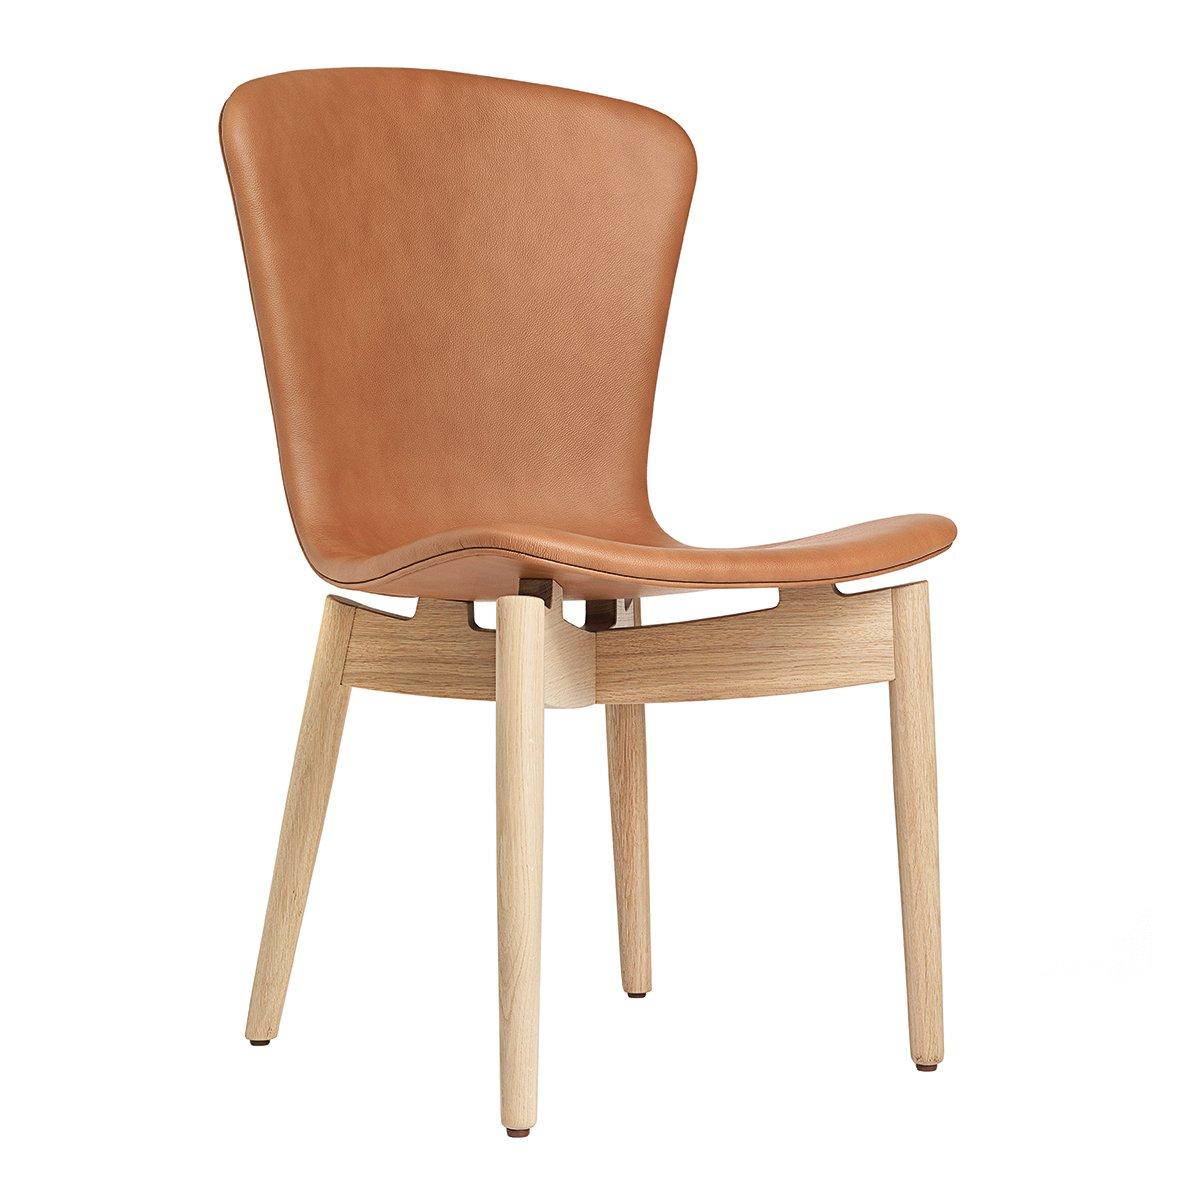 Mater Shell Dining Chair Eetkamerstoel - Ultra Brandy/Mat Gelakt